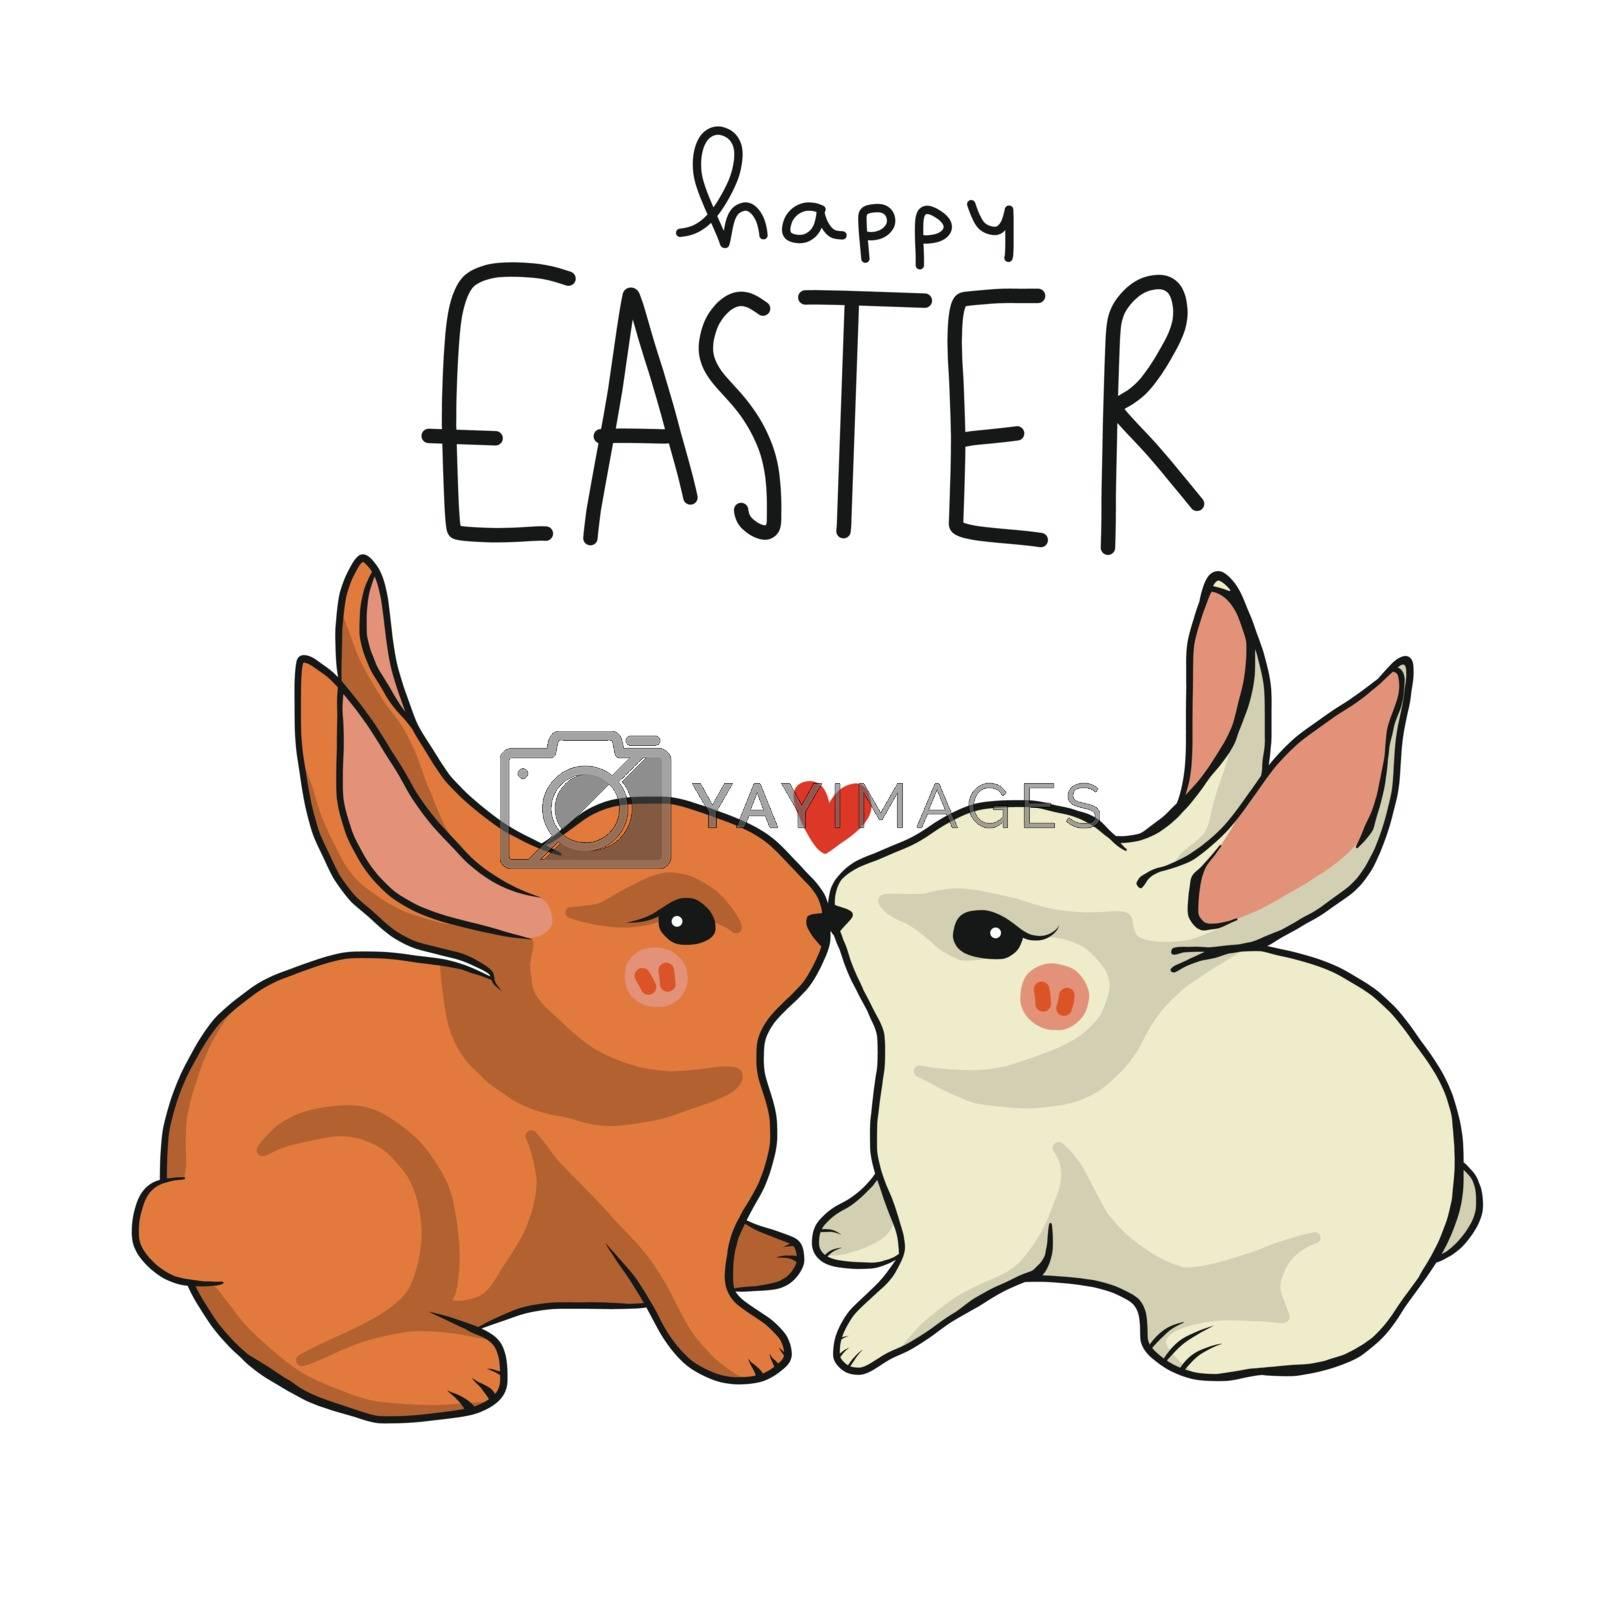 Happy Easter rabbit lover kissing cartoon vector illustration